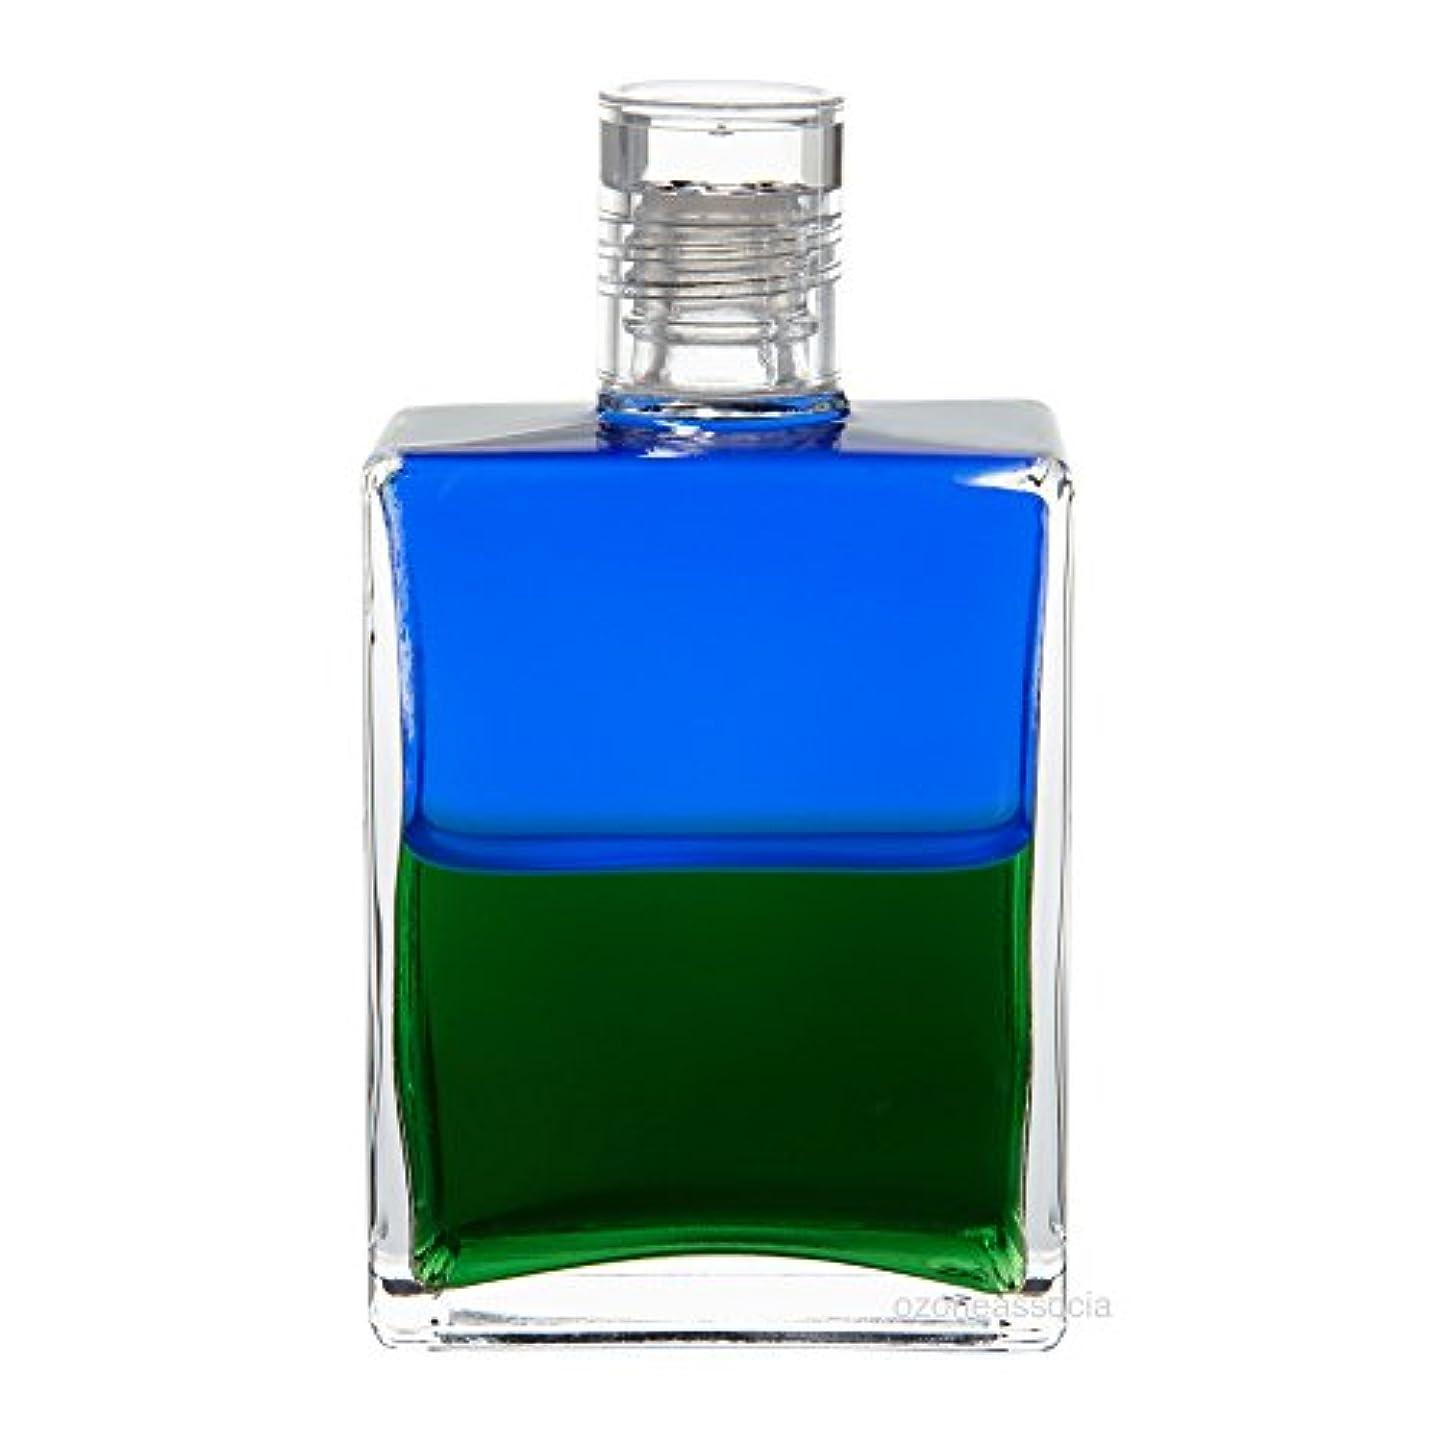 規制休戦精通したオーラソーマ ボトル 3番 ハートイクイリブリアムボトル/アトランティアンイクイリブリアムボトル (ブルー/グリーン) イクイリブリアムボトル50ml